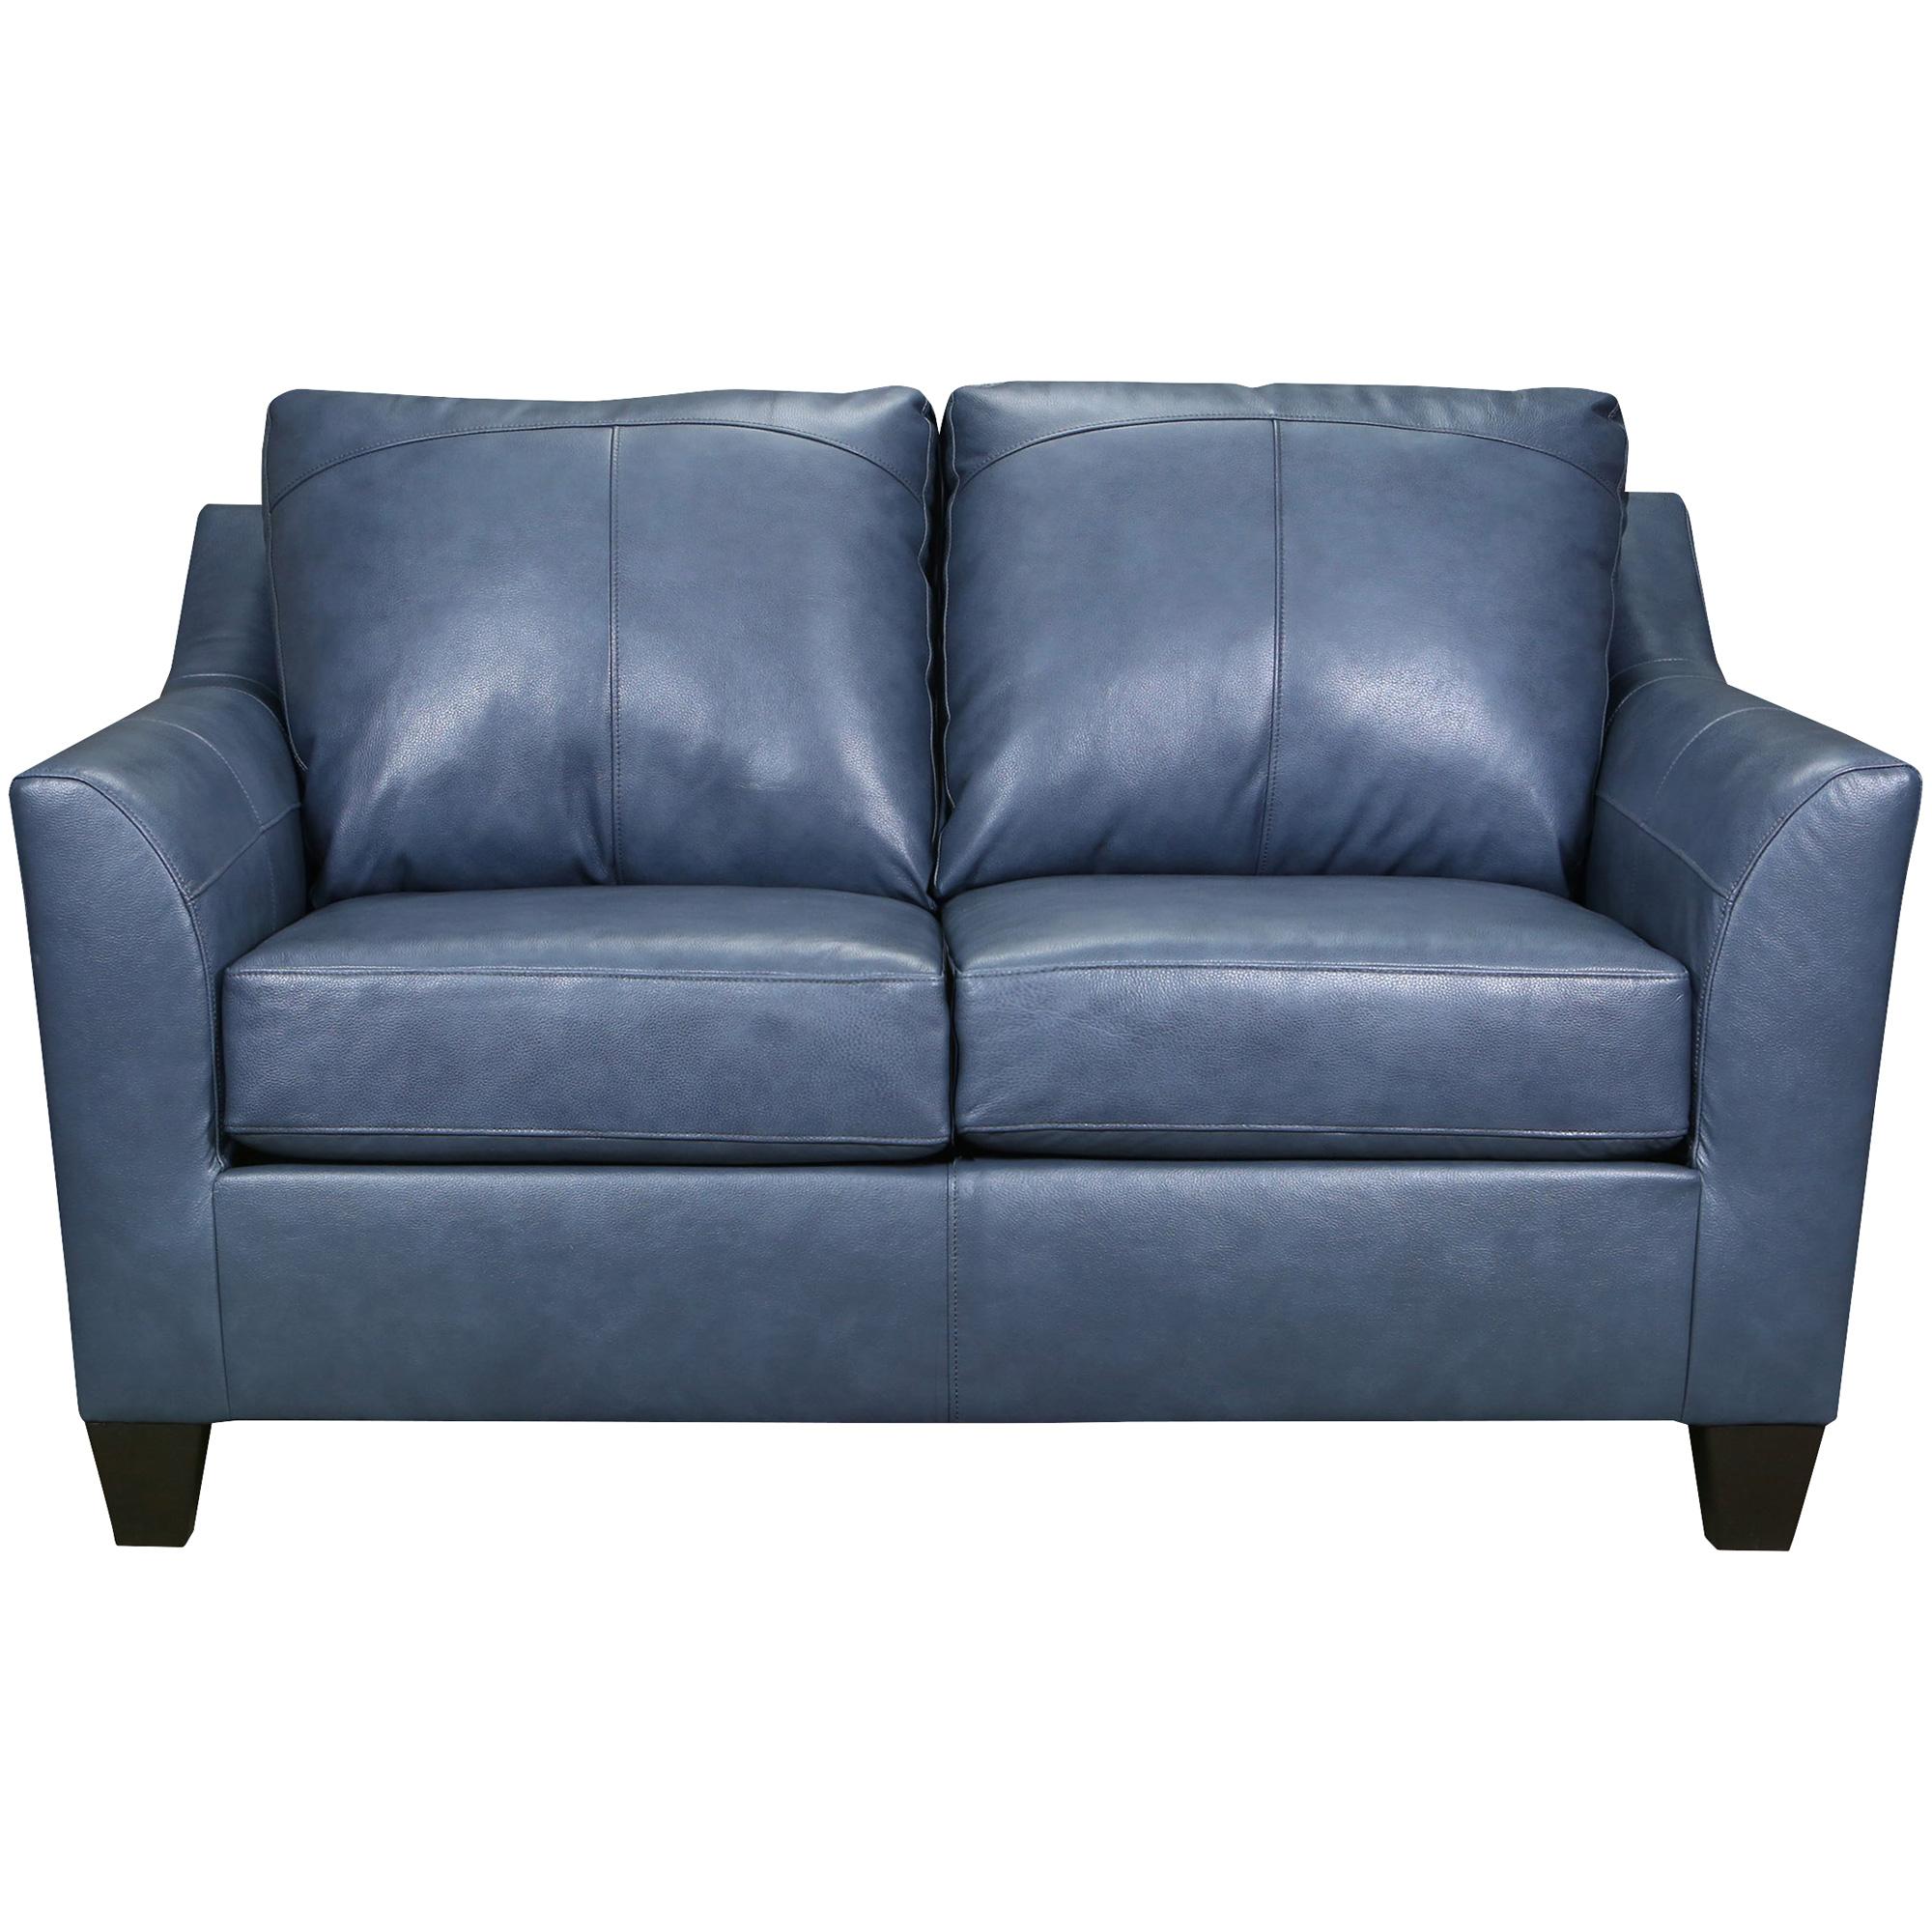 Lane Furniture | Hanover Shale Loveseat Sofa